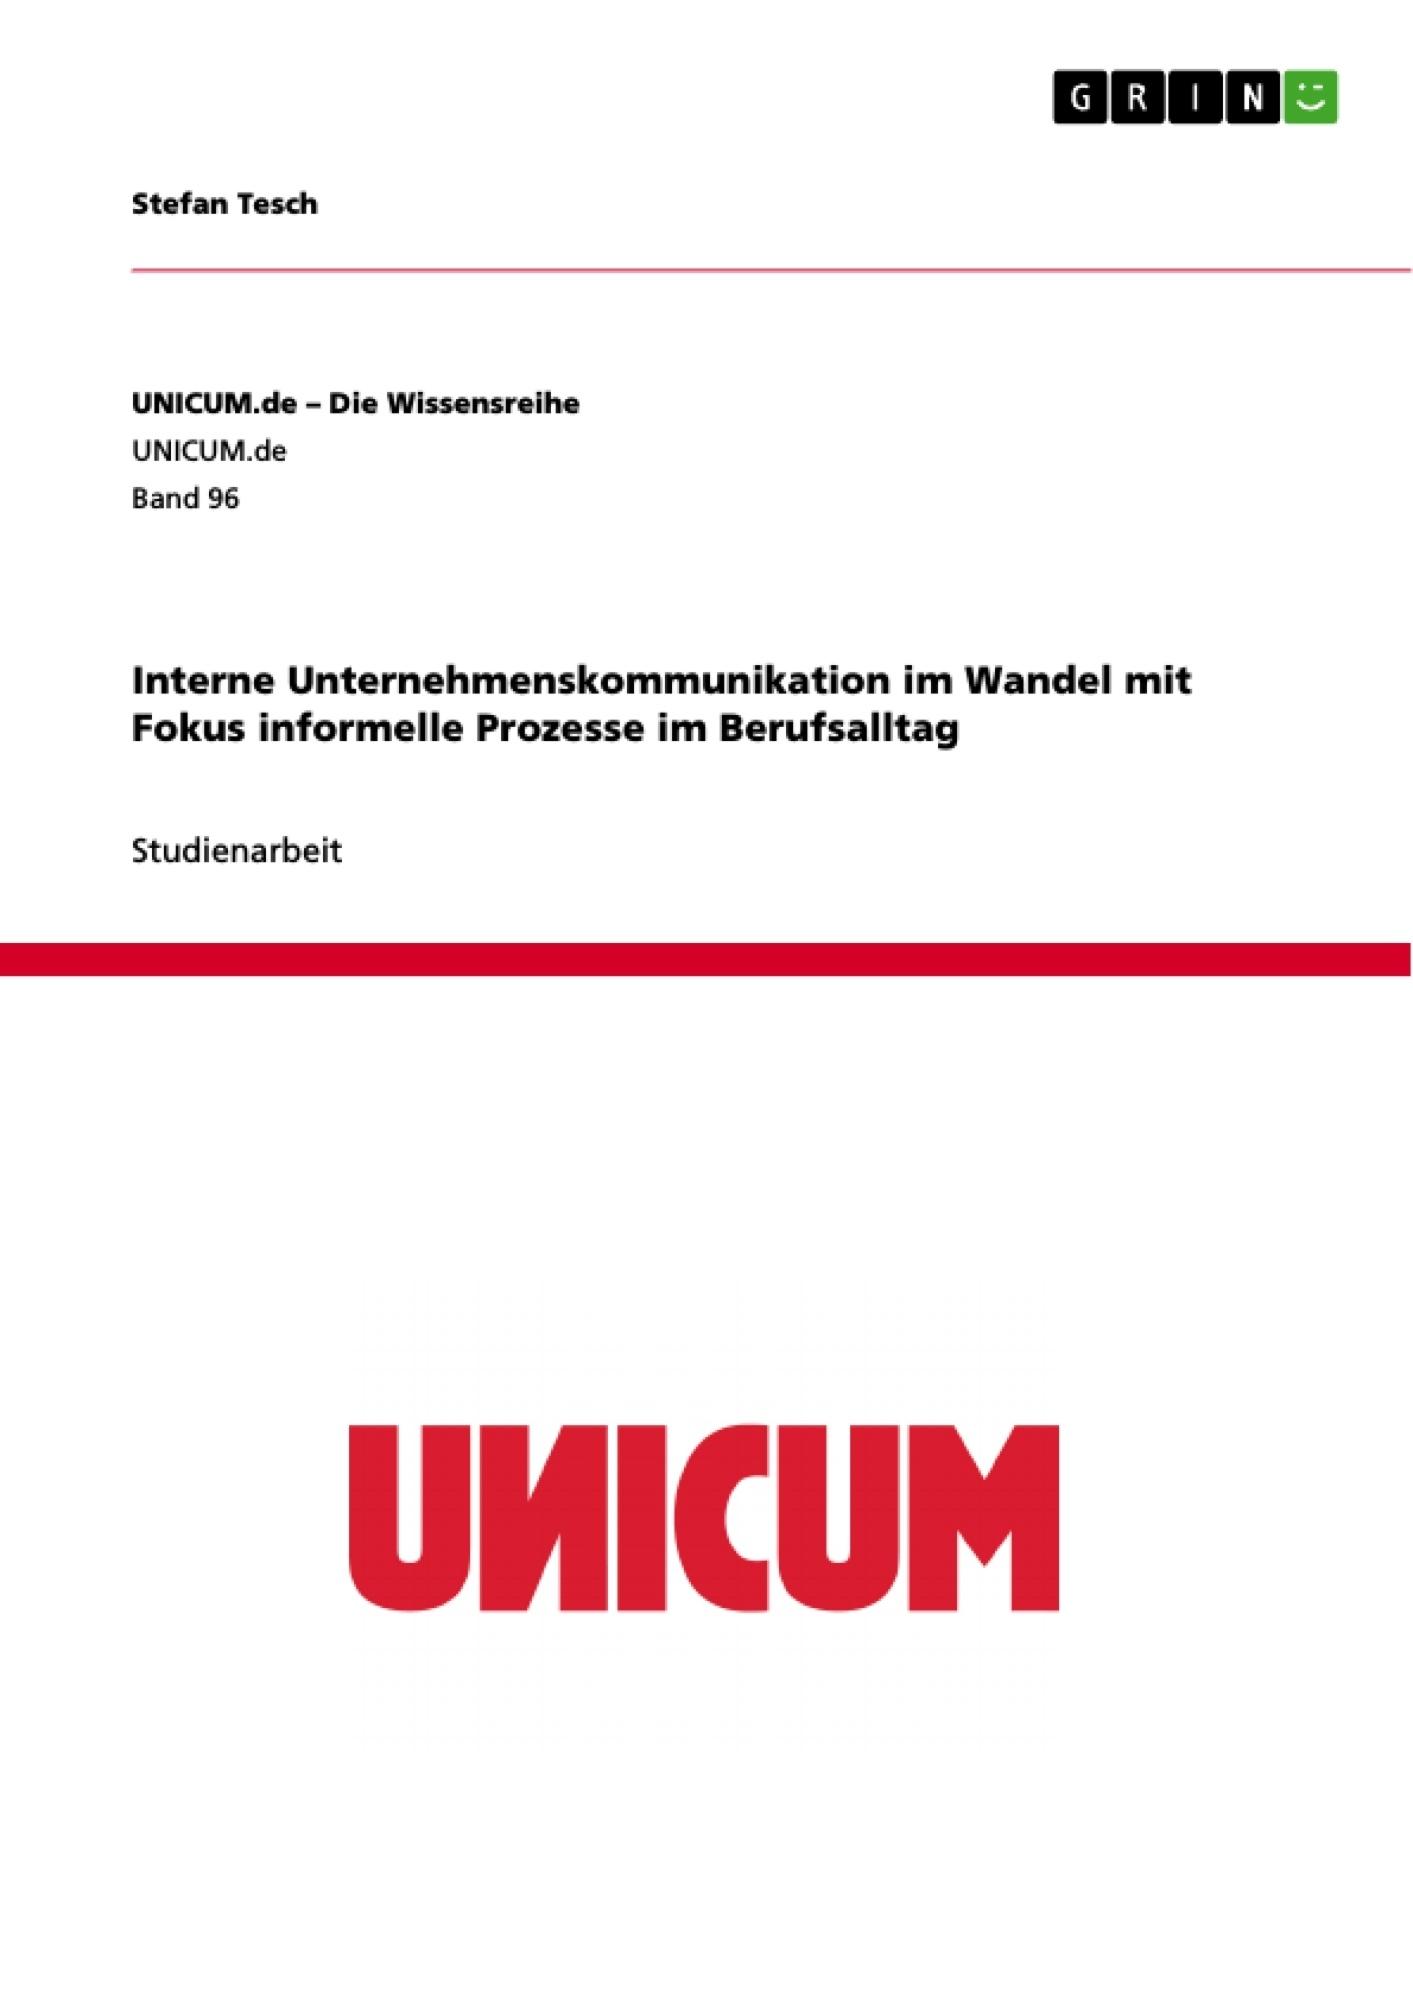 Titel: Interne Unternehmenskommunikation im Wandel mit Fokus informelle Prozesse im Berufsalltag